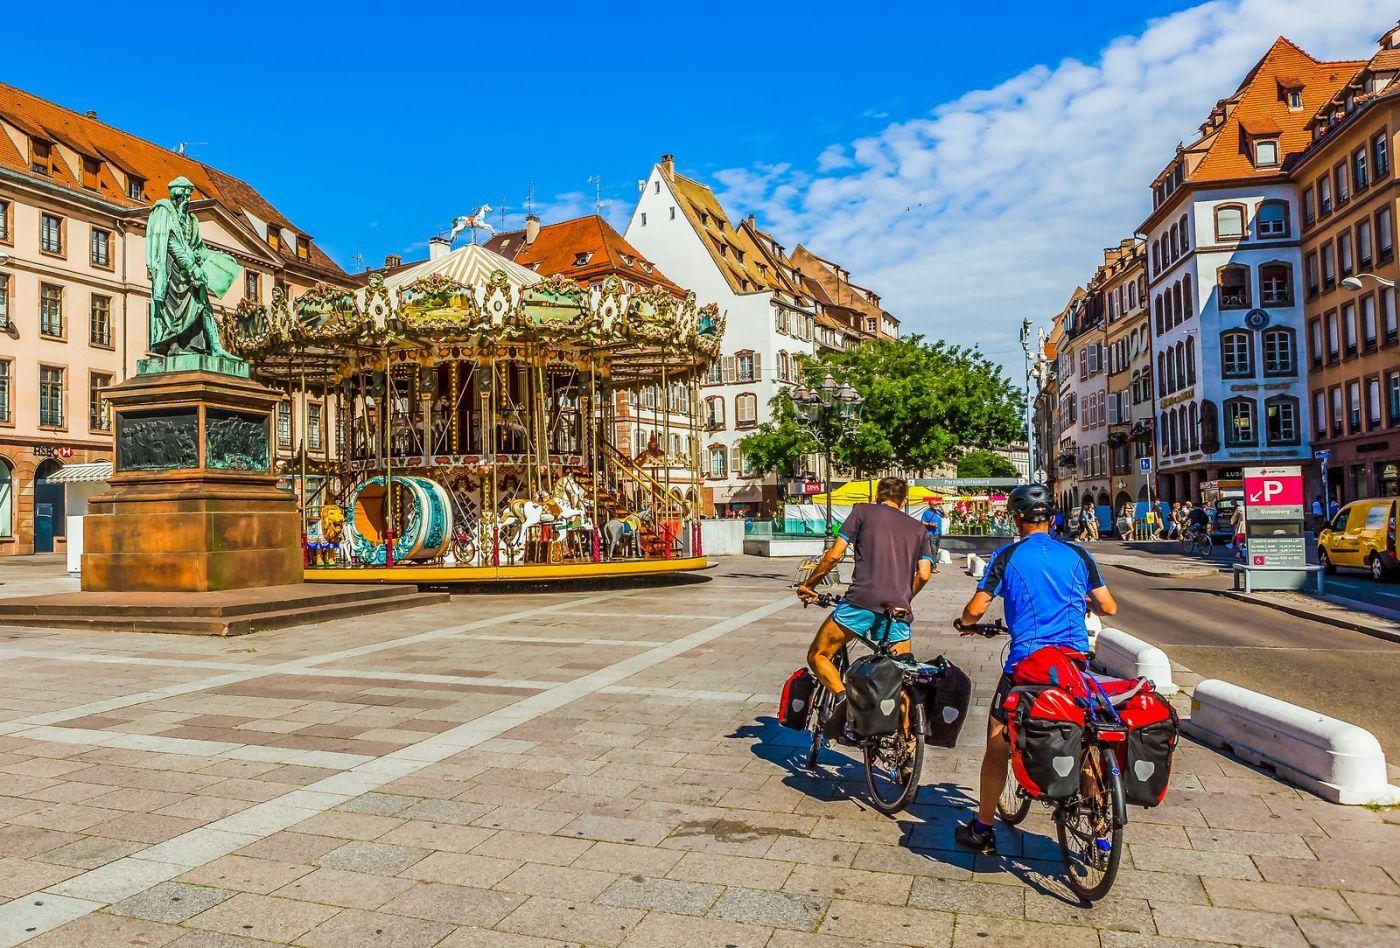 法国斯特拉斯堡(Strasbourg),边走边拍_图1-34